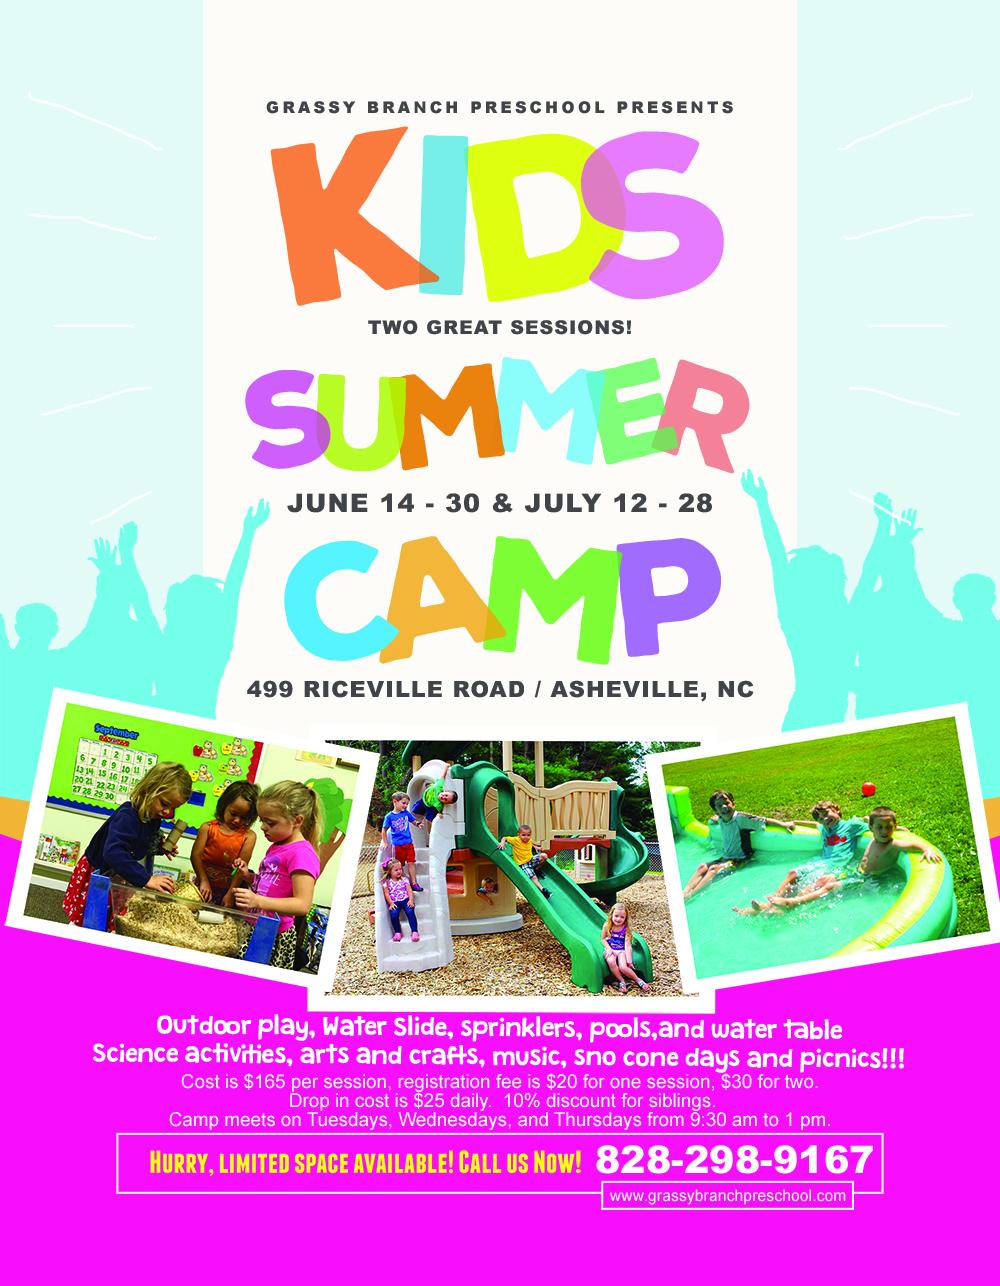 New Gbpreschool Summer Camp Poster